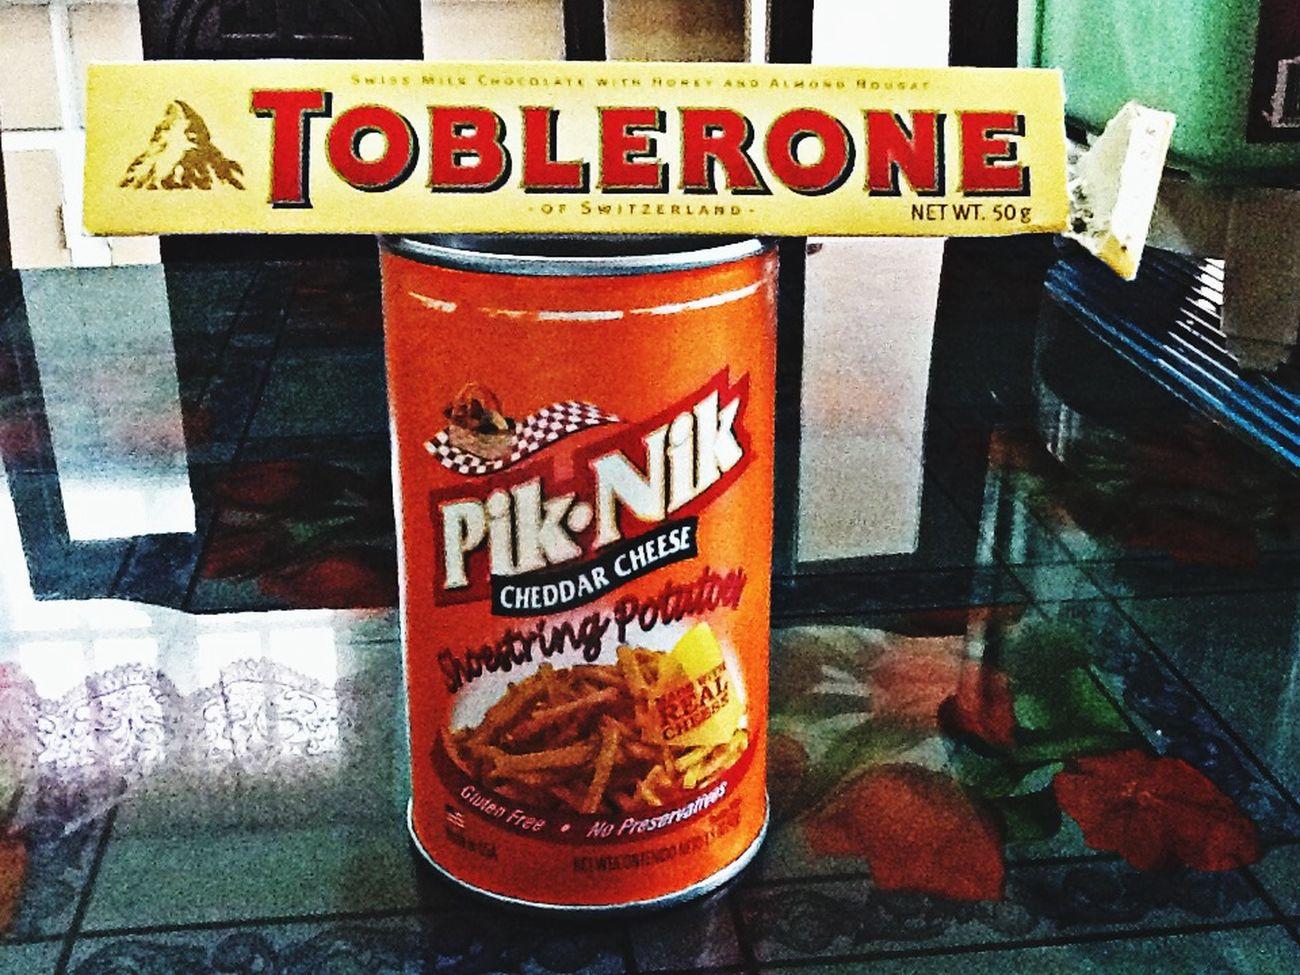 Toblerone Piknik POTD